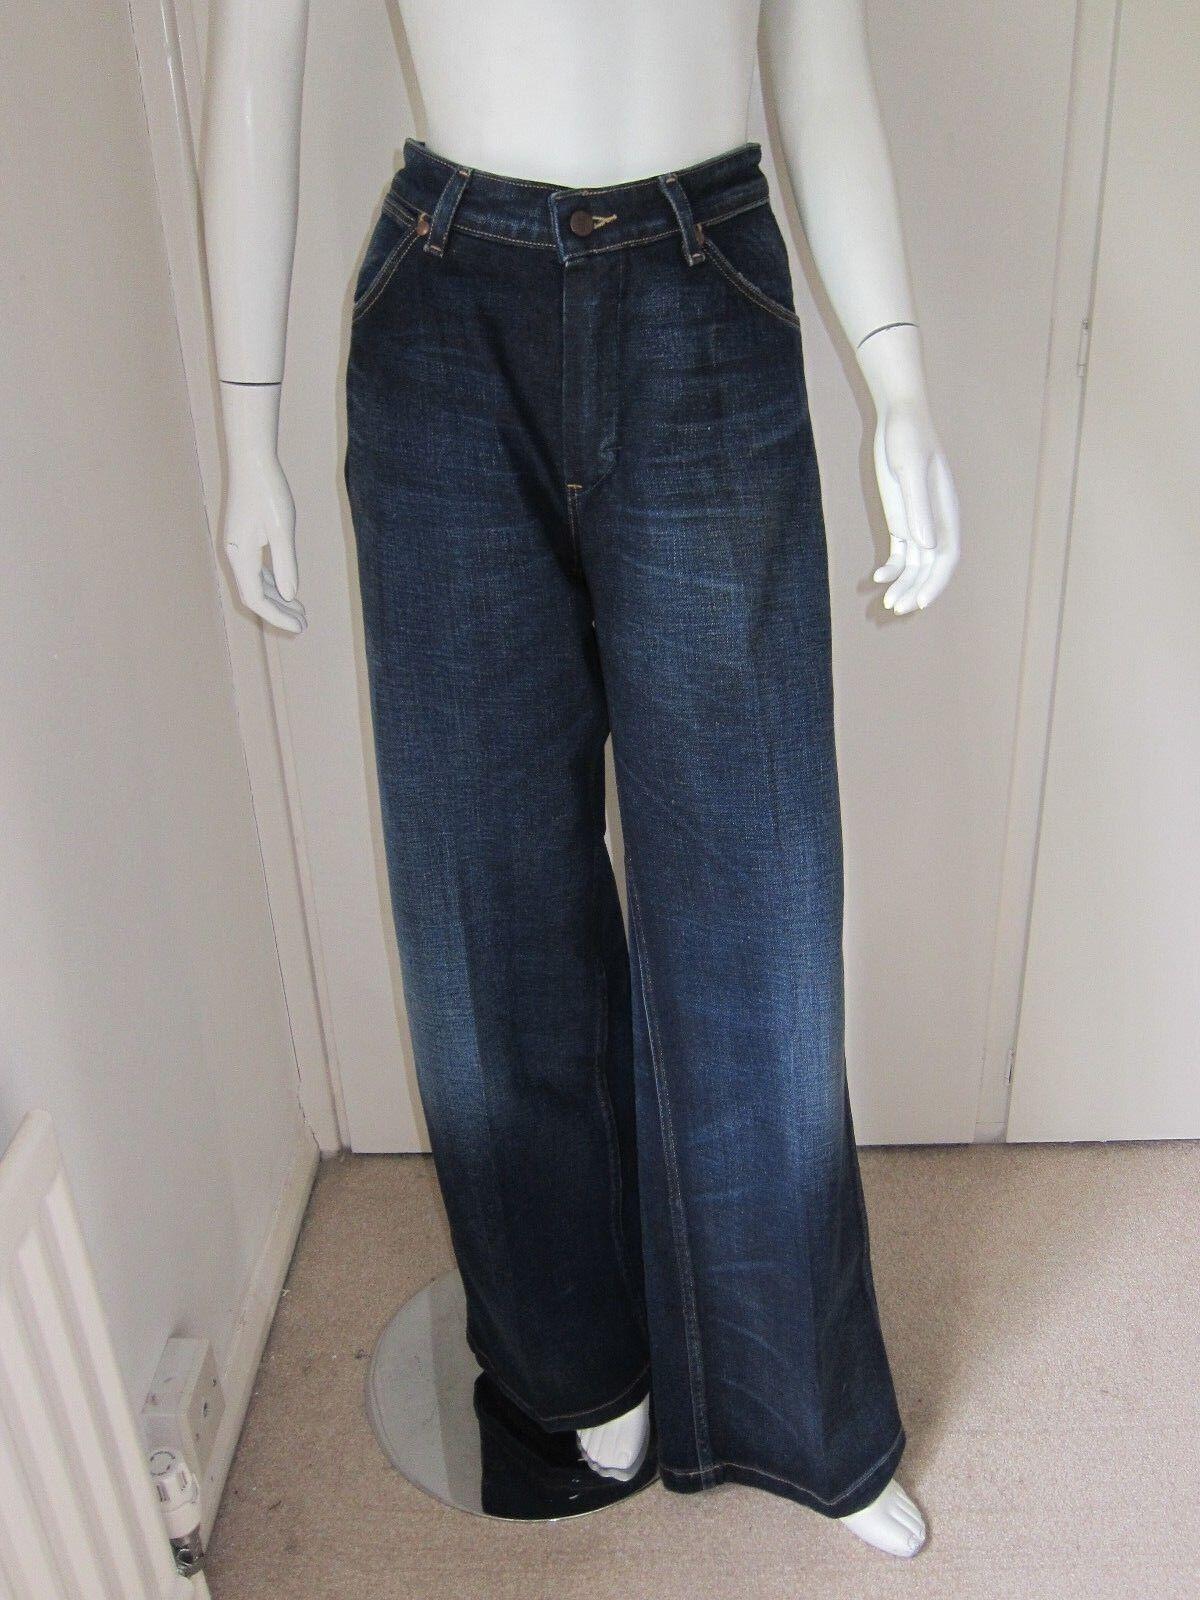 WRANGLER Donna Regal blu BELLA cotone TRAPEZIO Gamba Jeans W 31 L 34 Nuovo di Zecca